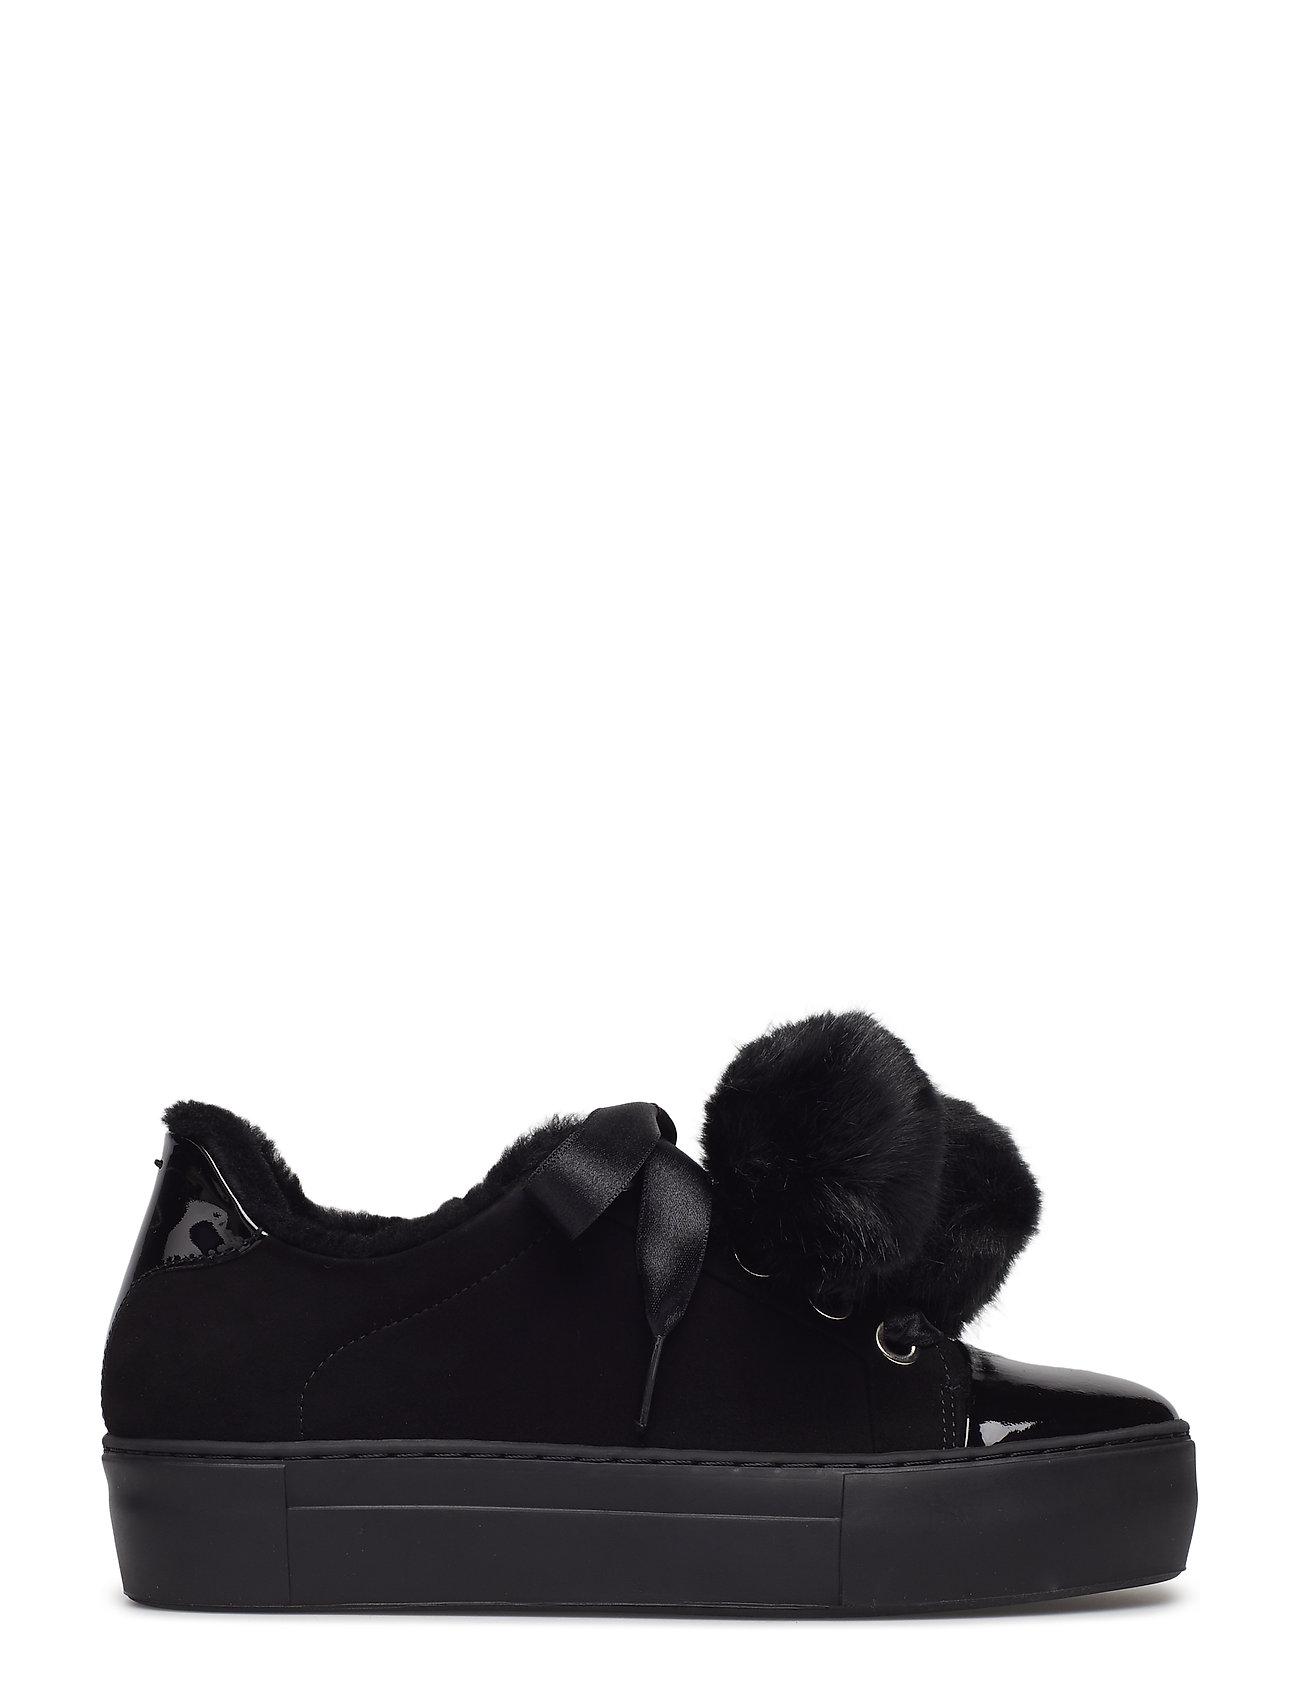 Shoes Sneakers Sko Sort Billi Bi